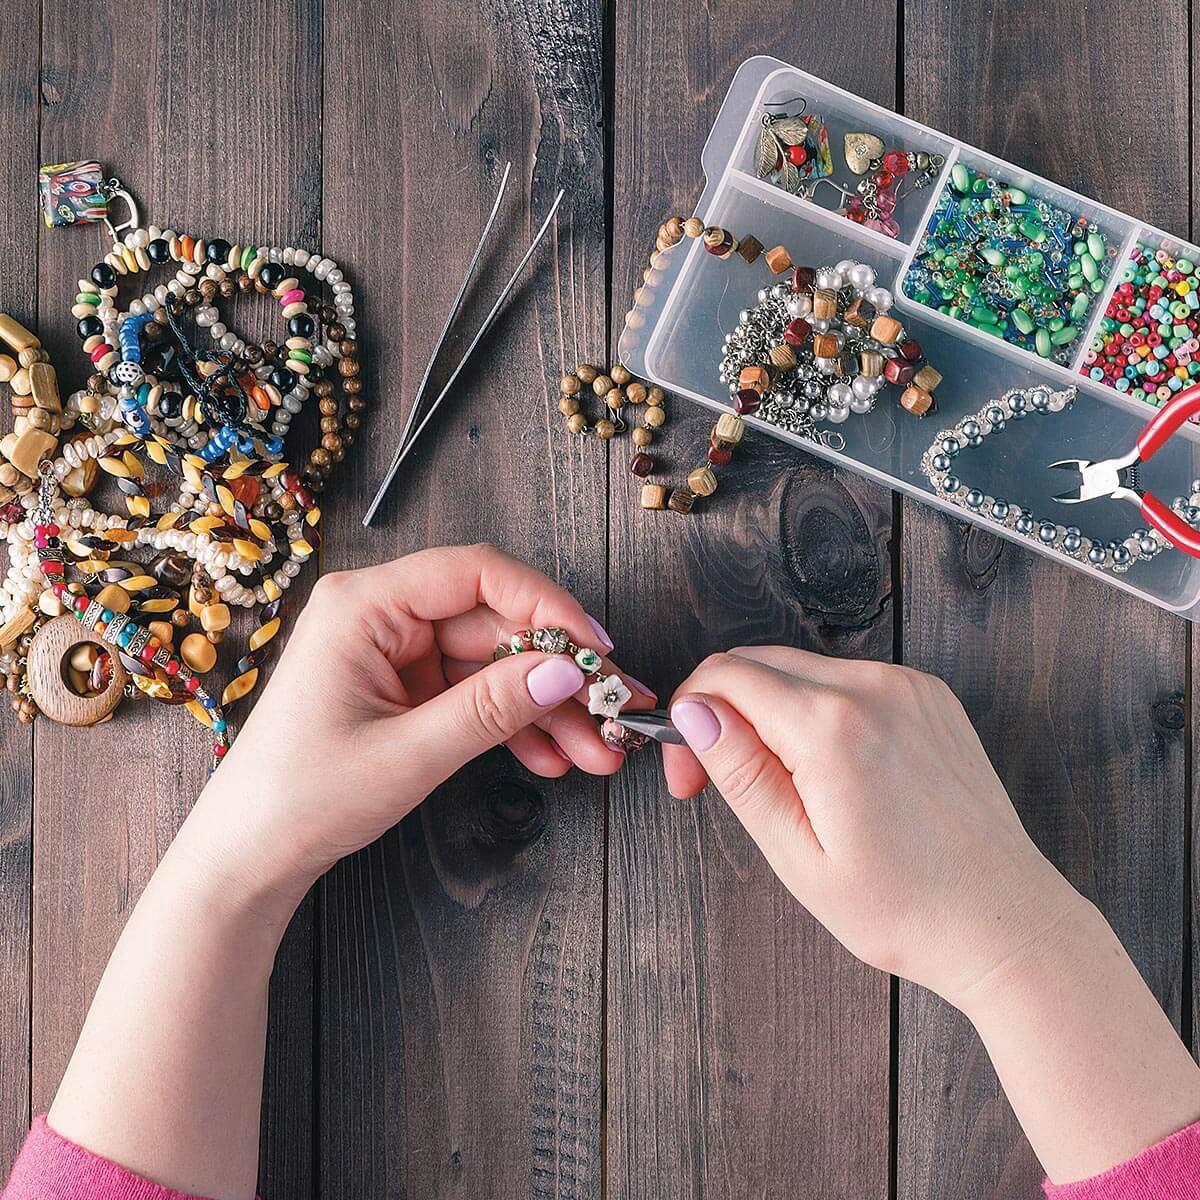 Đồ handmade mang vẻ đẹp đặc biệt và đại diện cho phong cách của vị chủ nhân làm ra chúng (Nguồn: Internet)